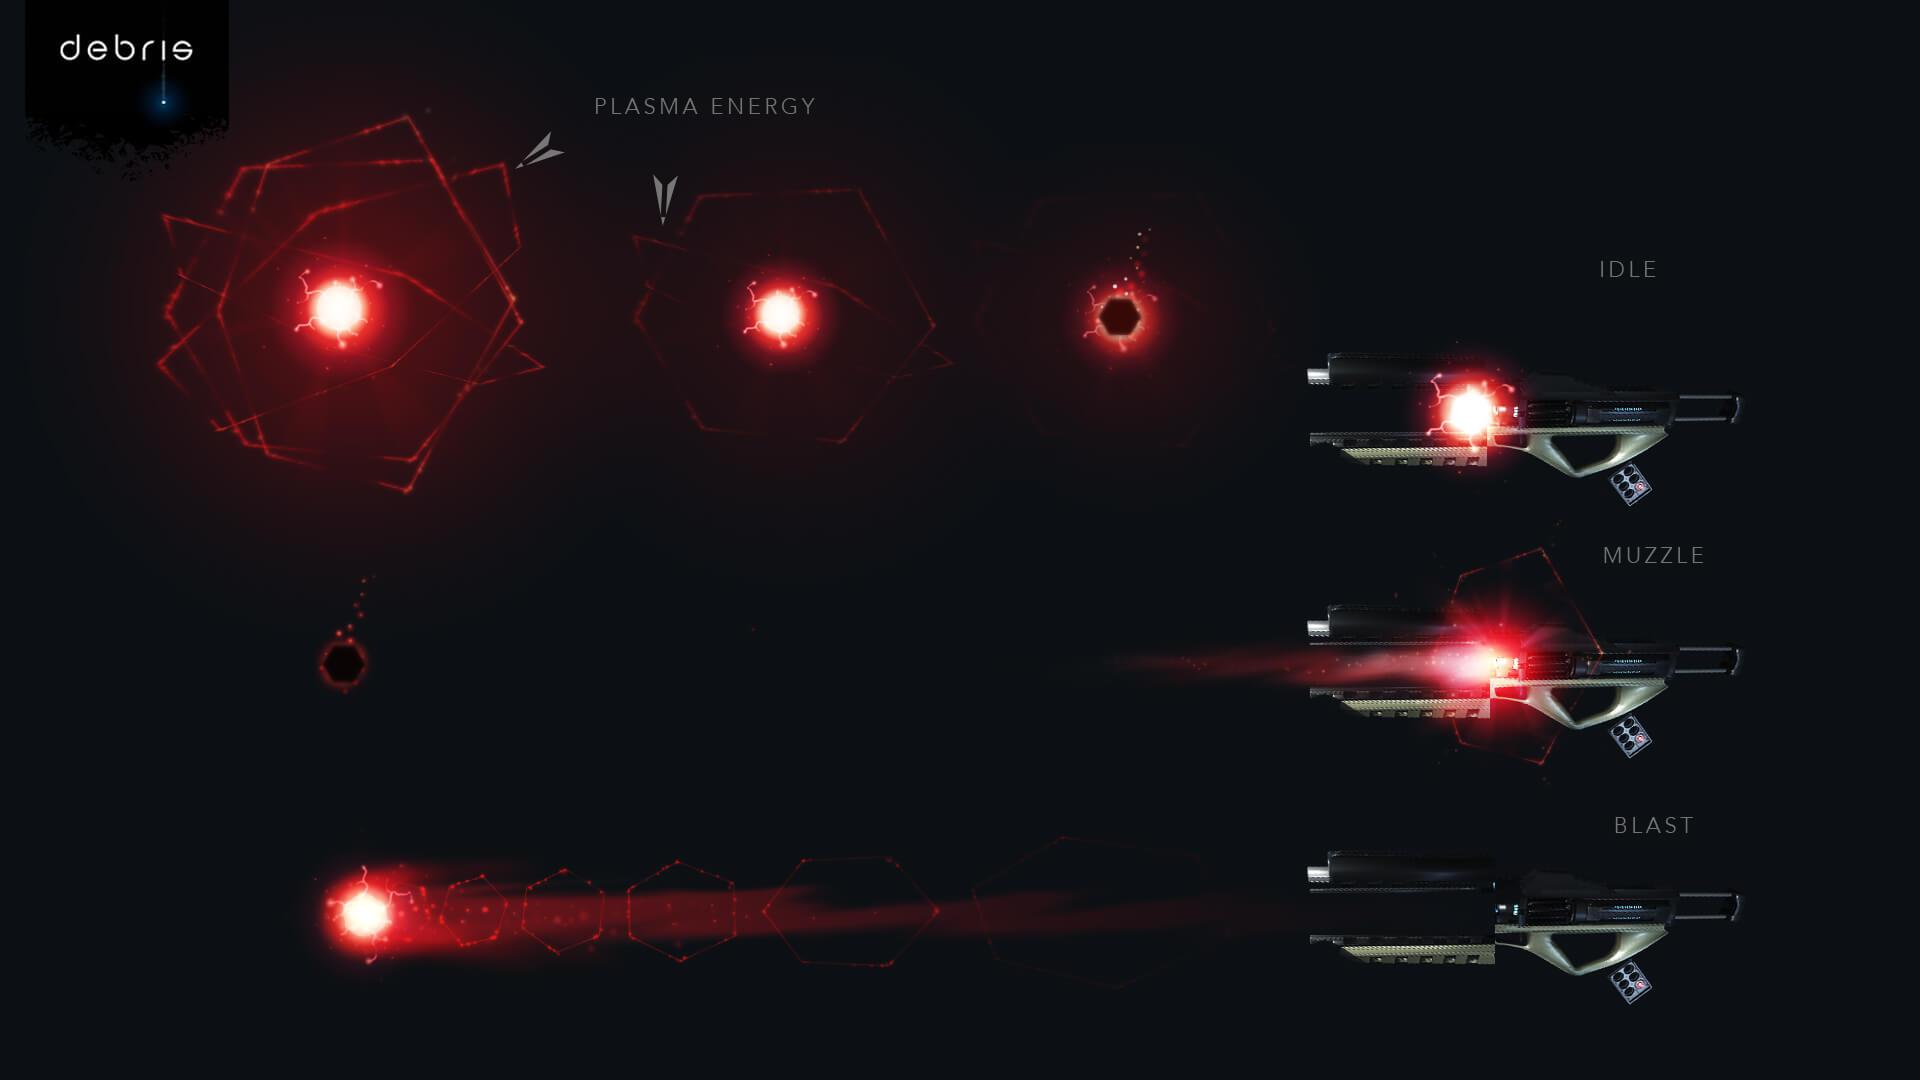 Debris Flare VFX concept